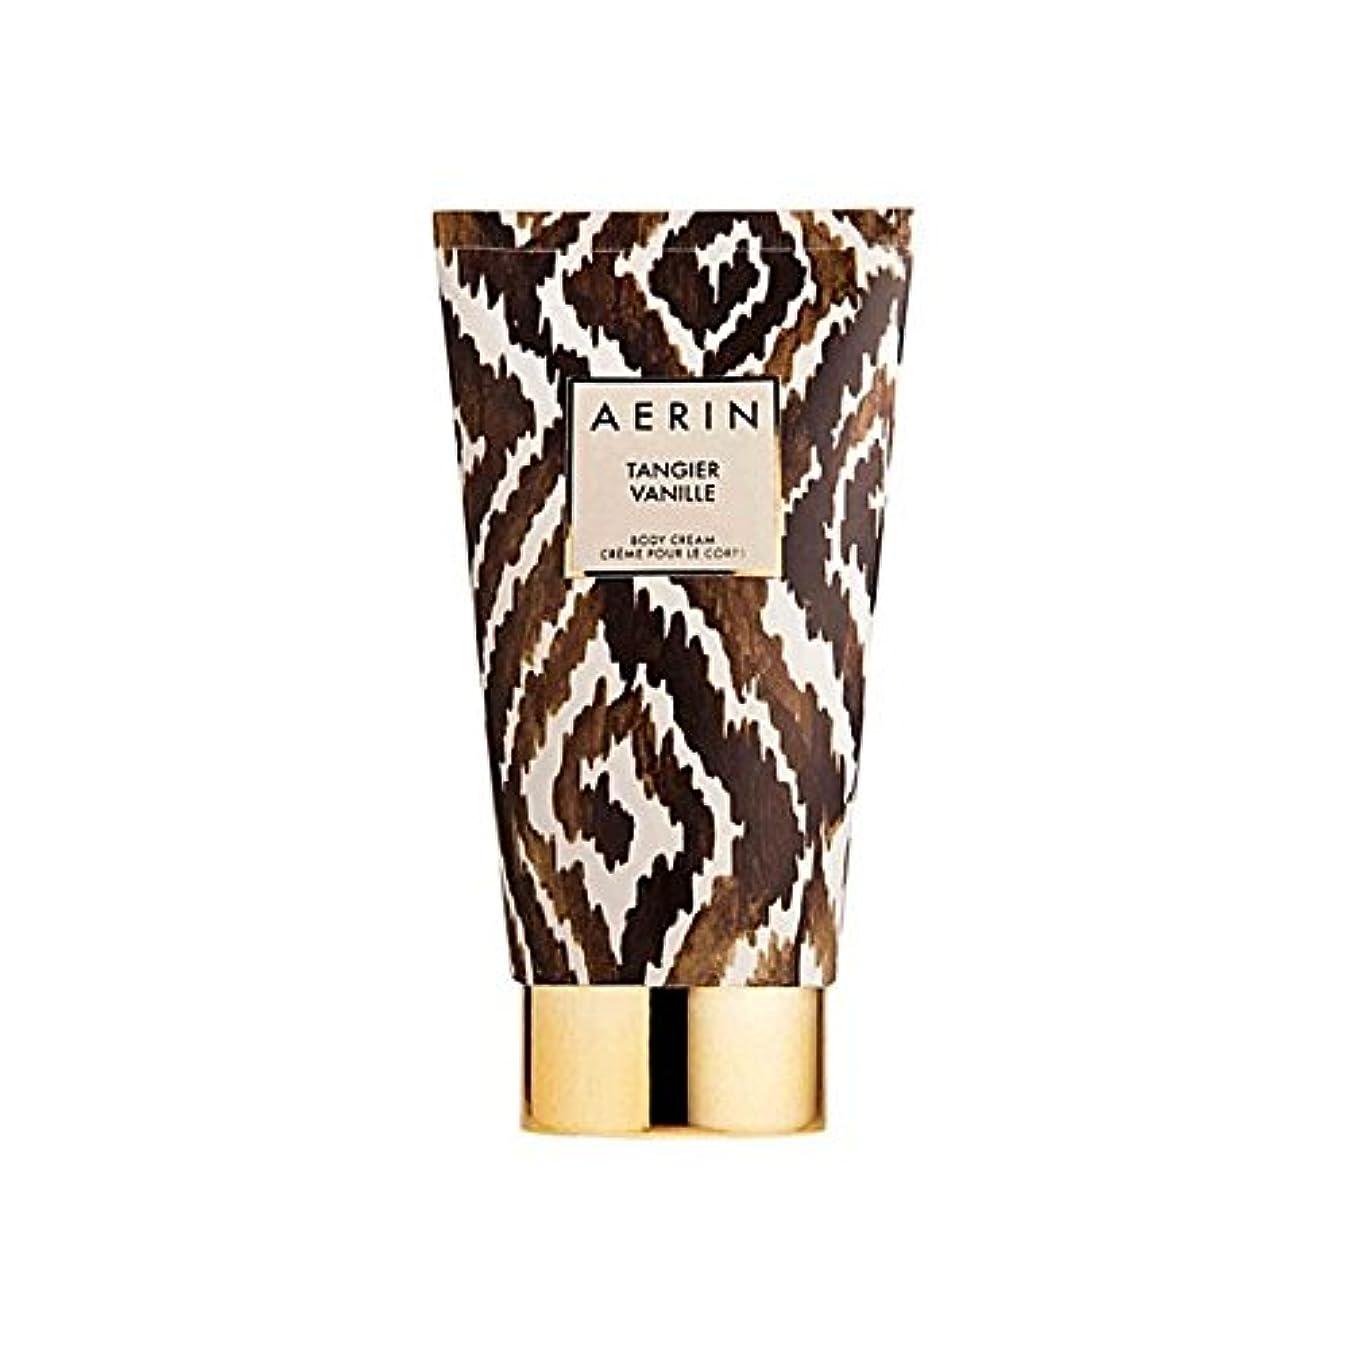 寄託コック前投薬タンジールヴァニラボディクリーム x4 - Aerin Tangier Vanille Body Cream (Pack of 4) [並行輸入品]